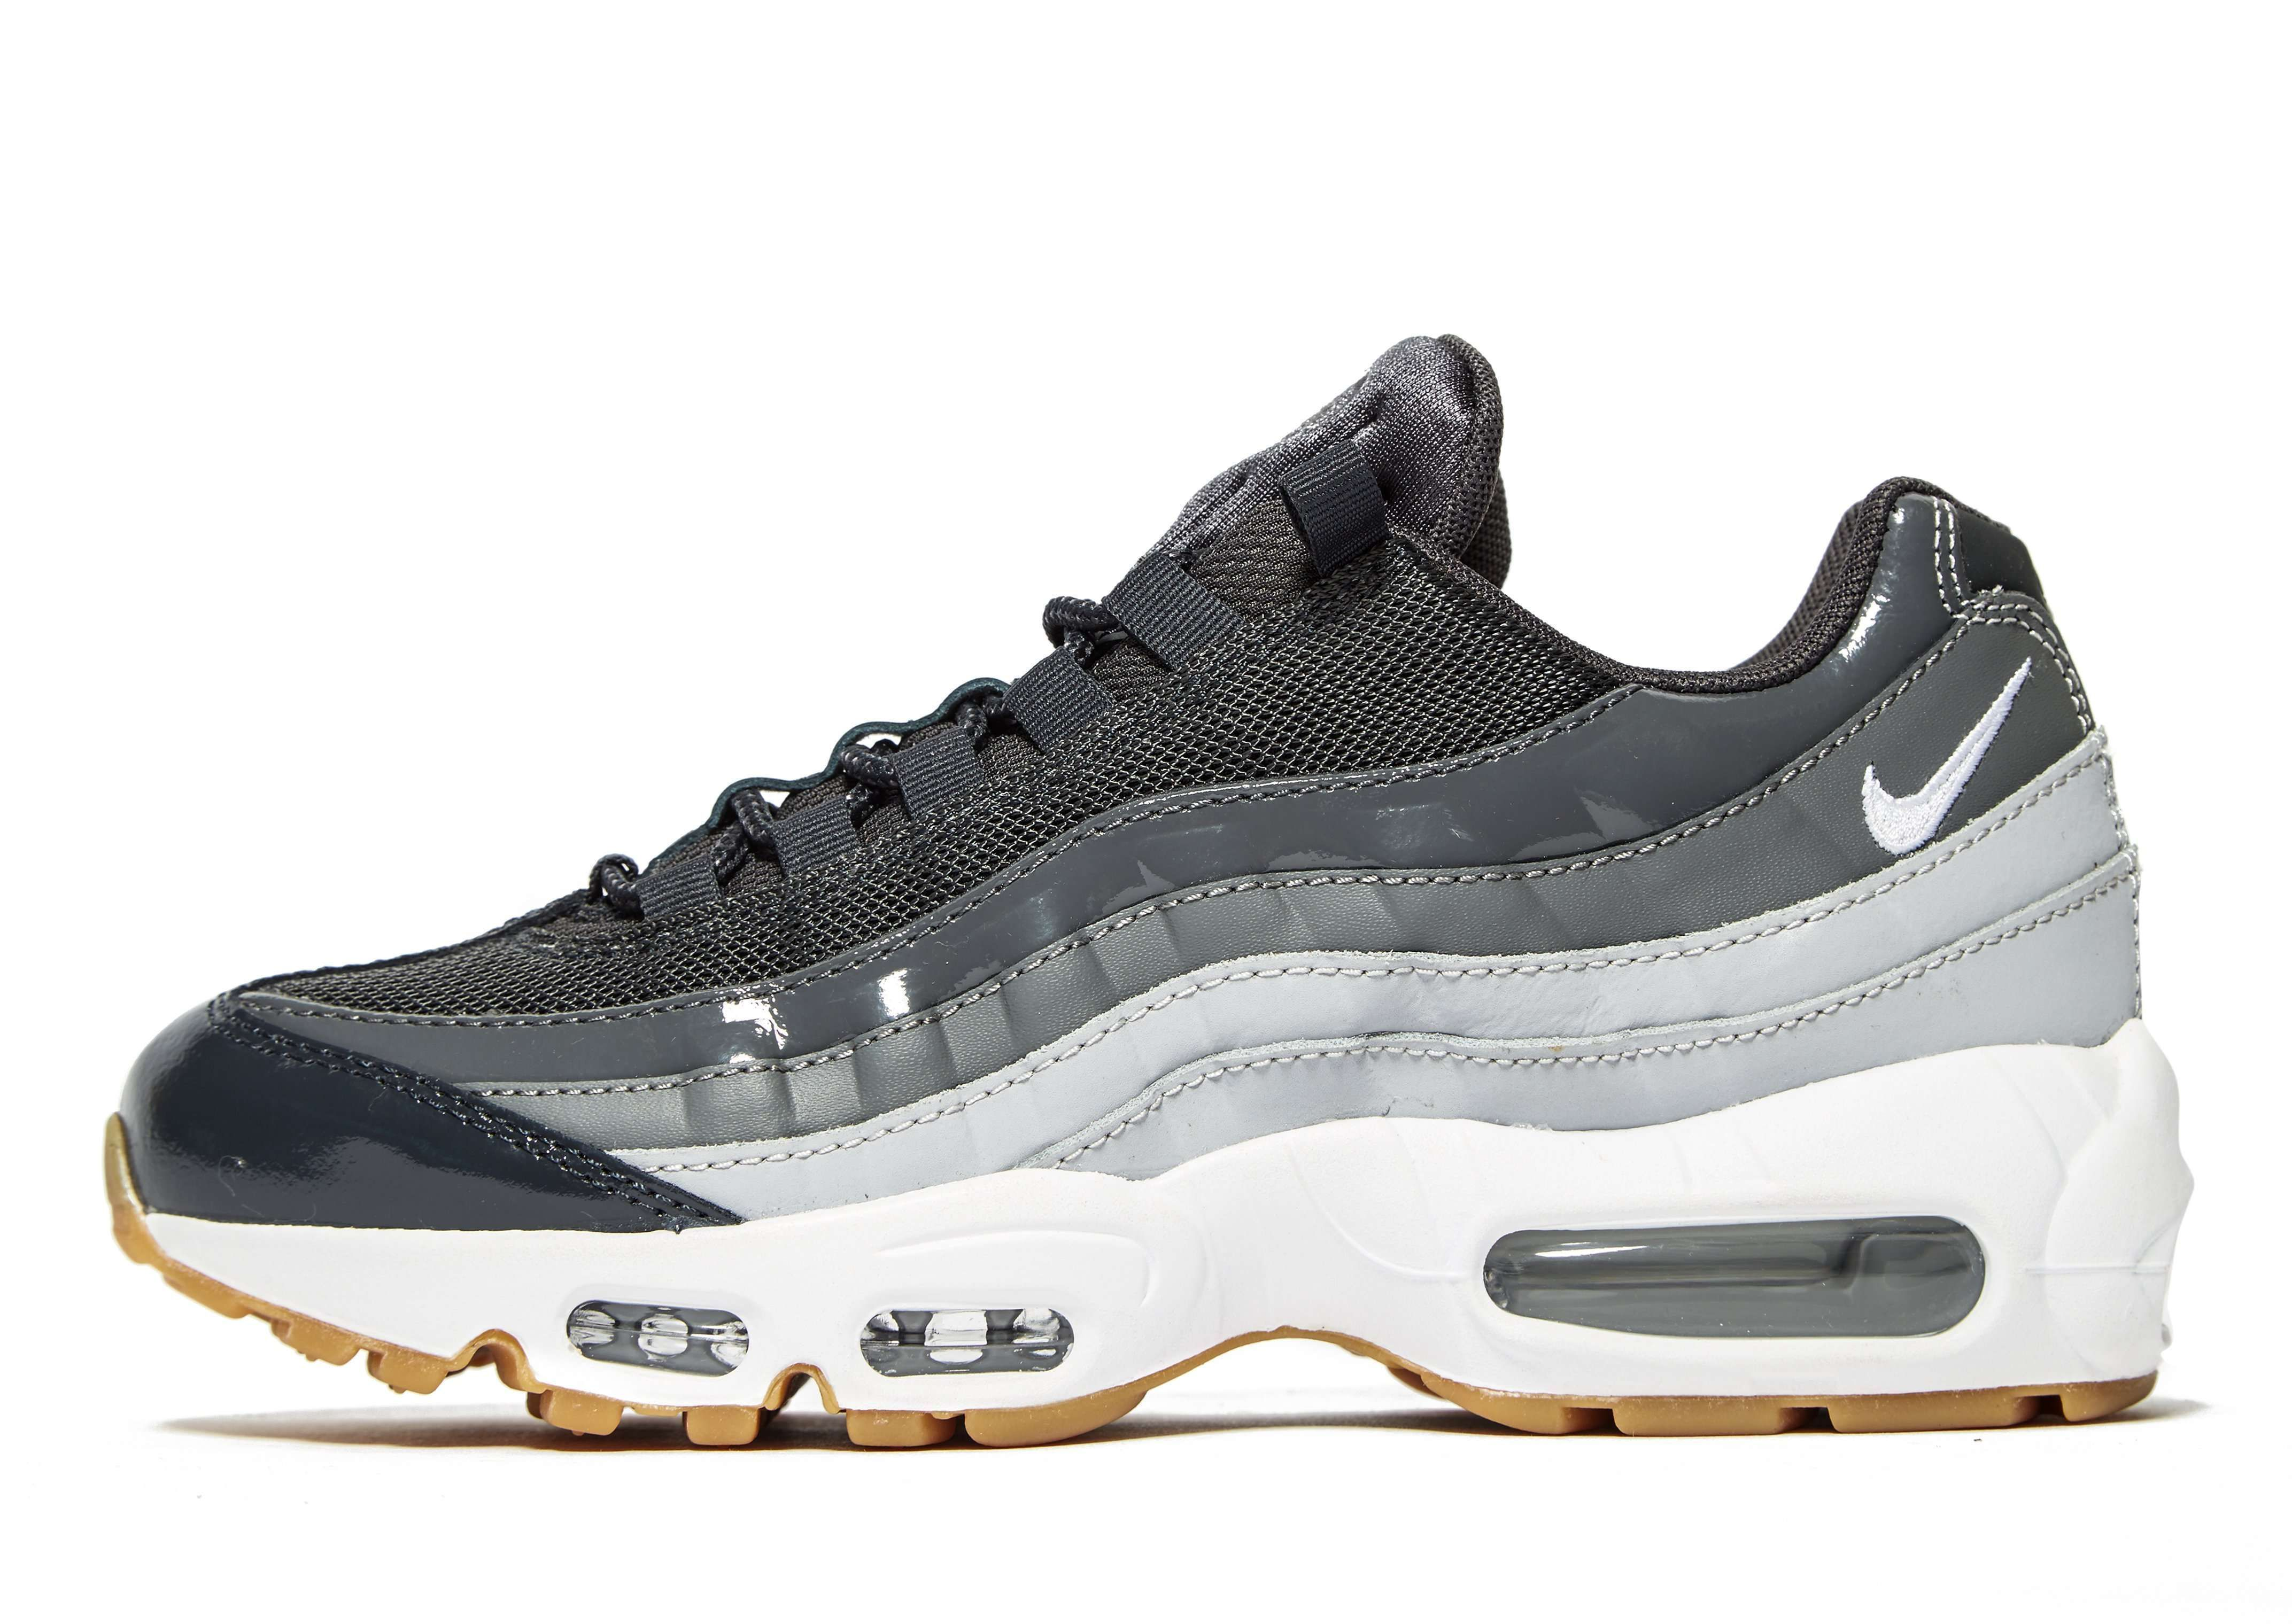 Nike Nike Air Force 1 Mid 07 Schuhe schwarz | Herren|Damen Hohe Sneaker · Eibe Kaufen